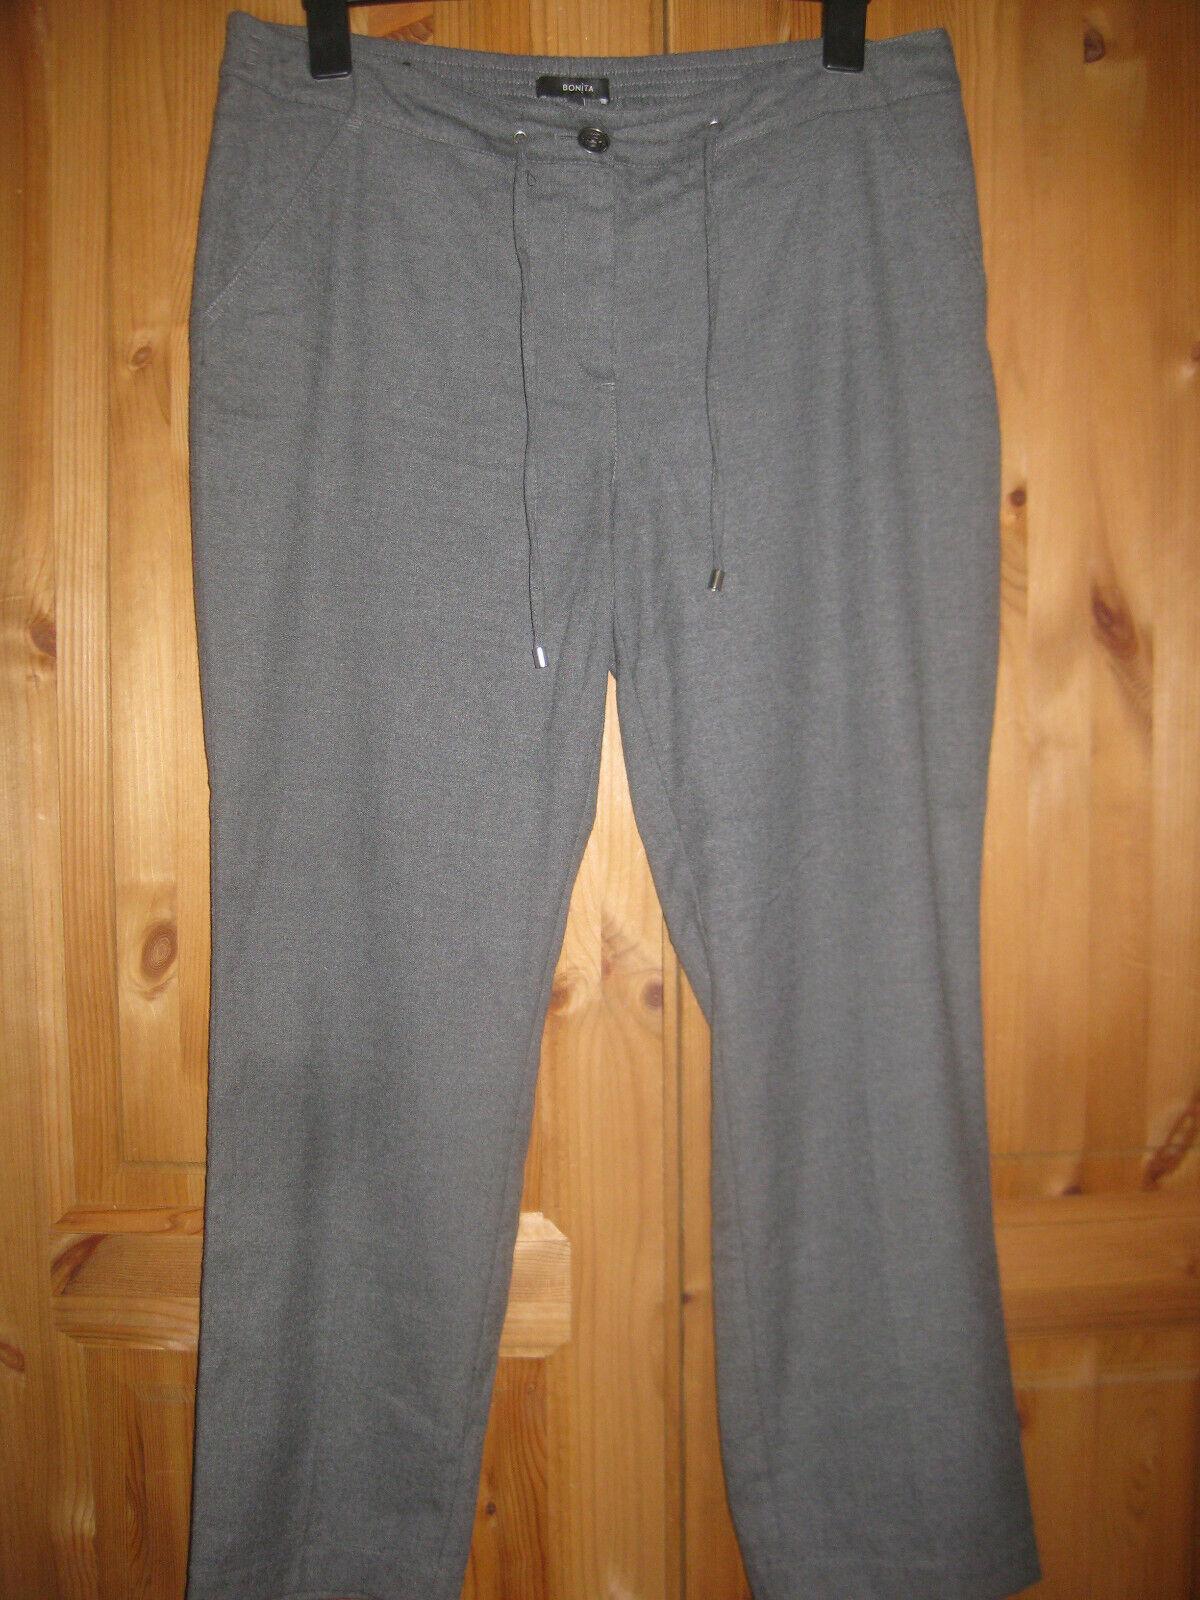 BONITA Damen Hose Gr.46 getragen gepflegt grau/meliert Top